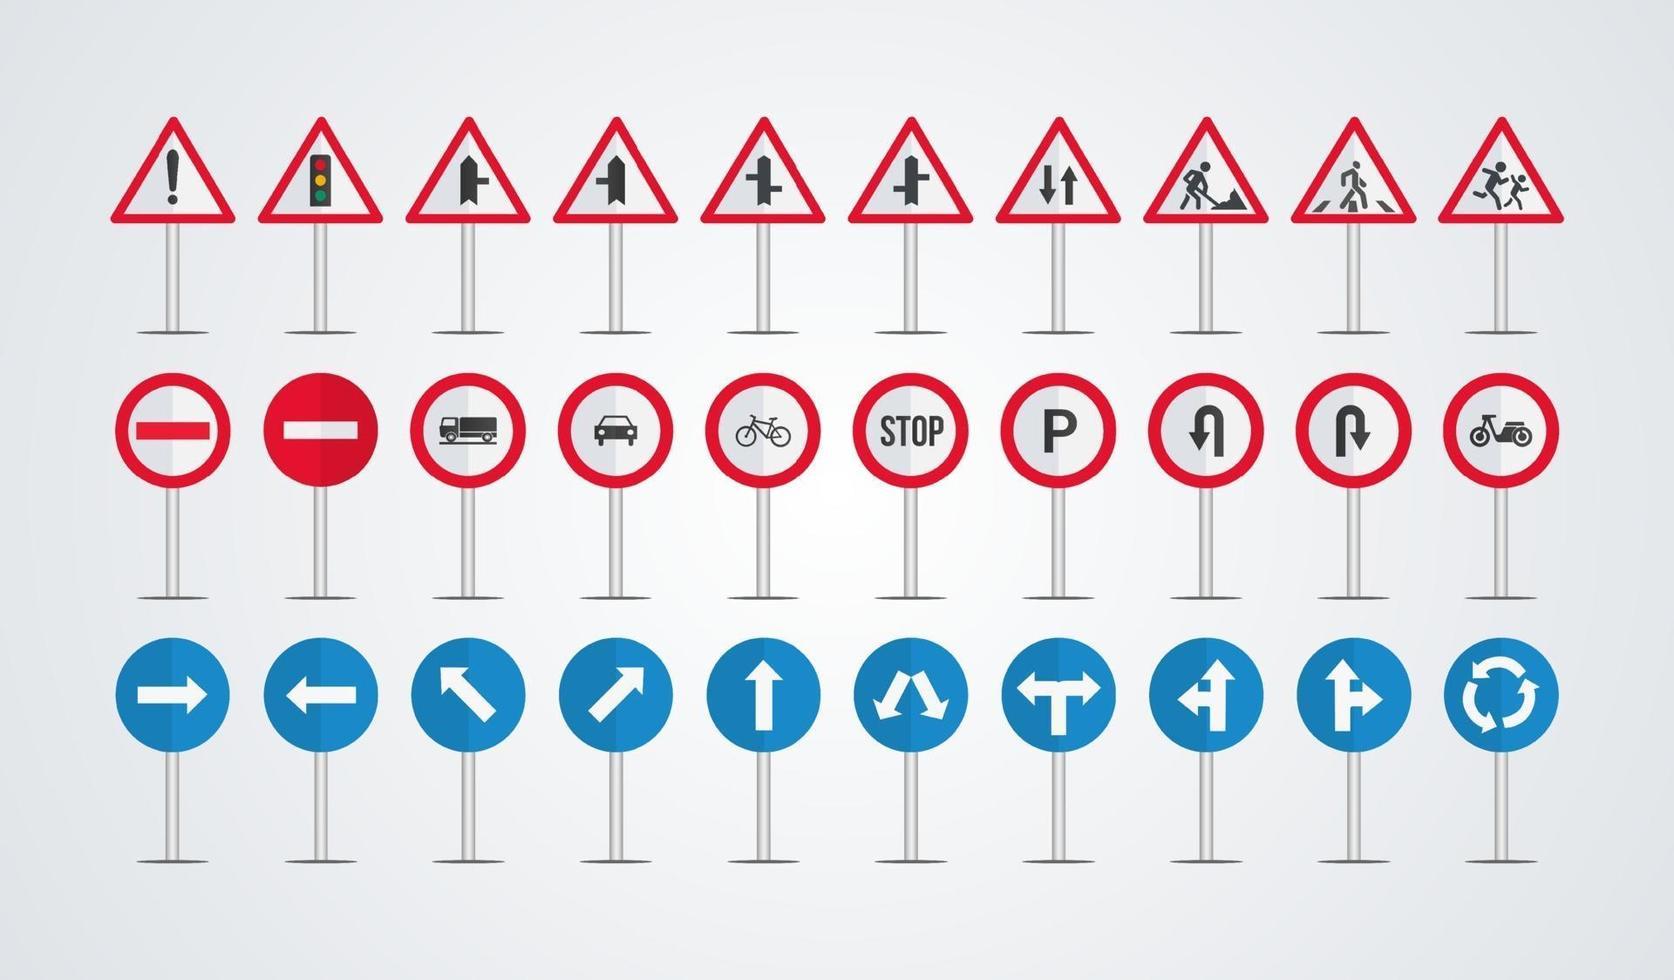 vetor de coleção de sinais de trânsito. coleção de avisos, sinais de trânsito de informações, símbolos de perigo, transporte seguro. ilustração vetorial.